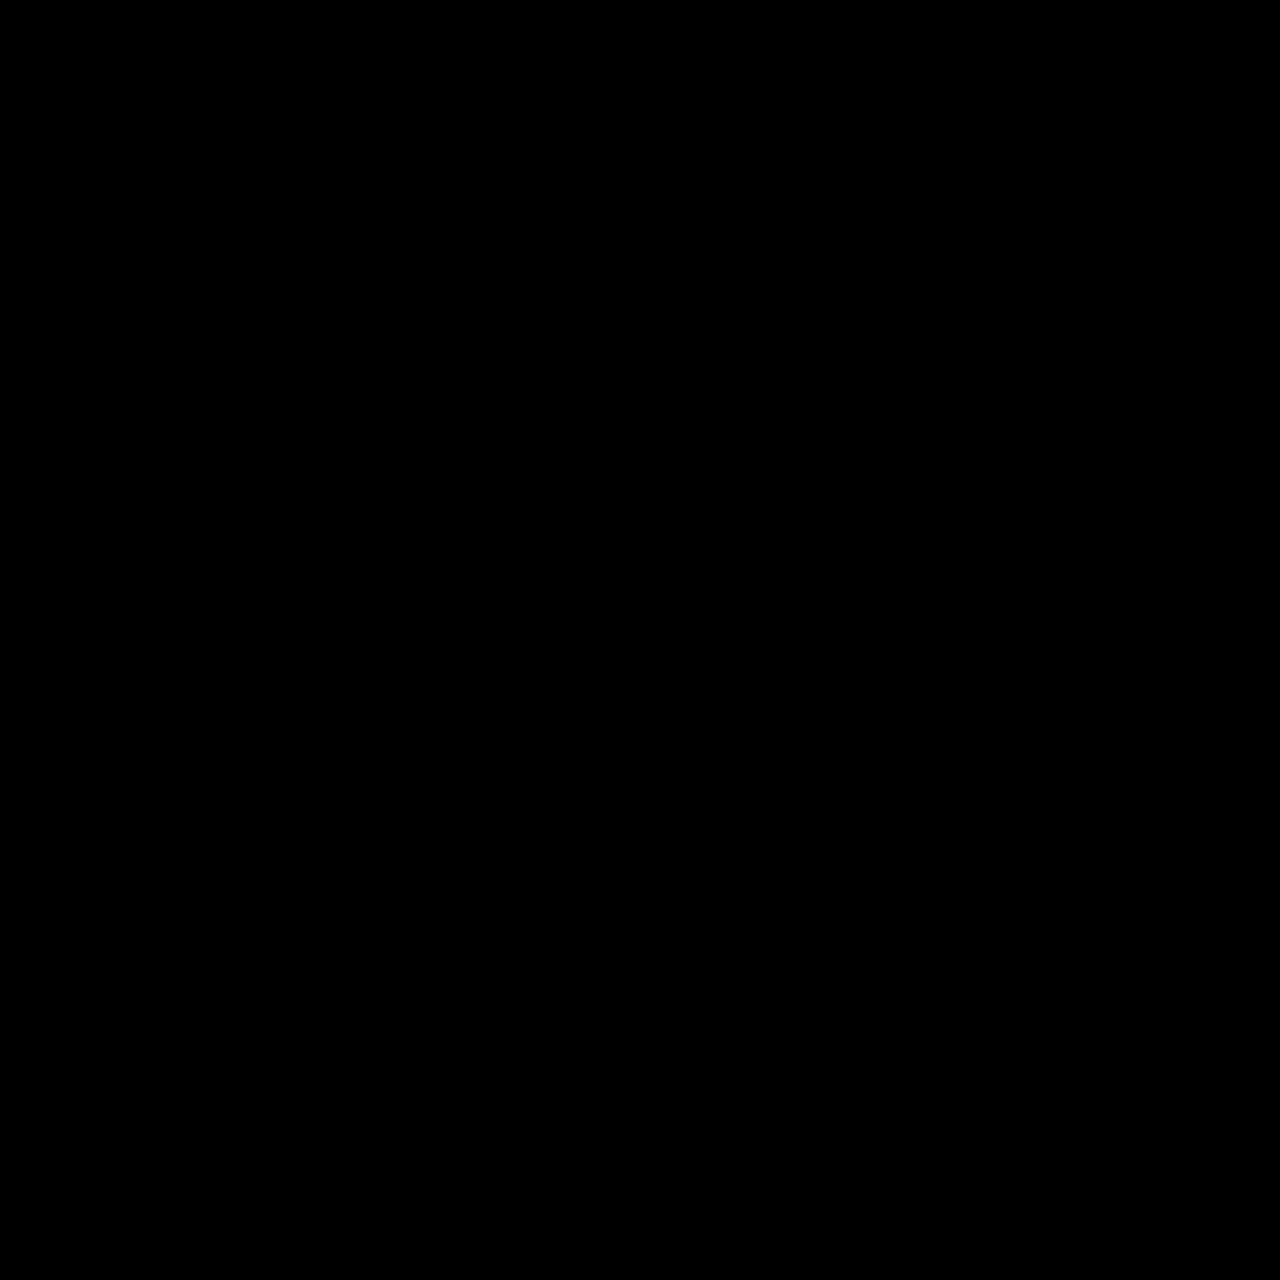 Leiterplattenherstellung